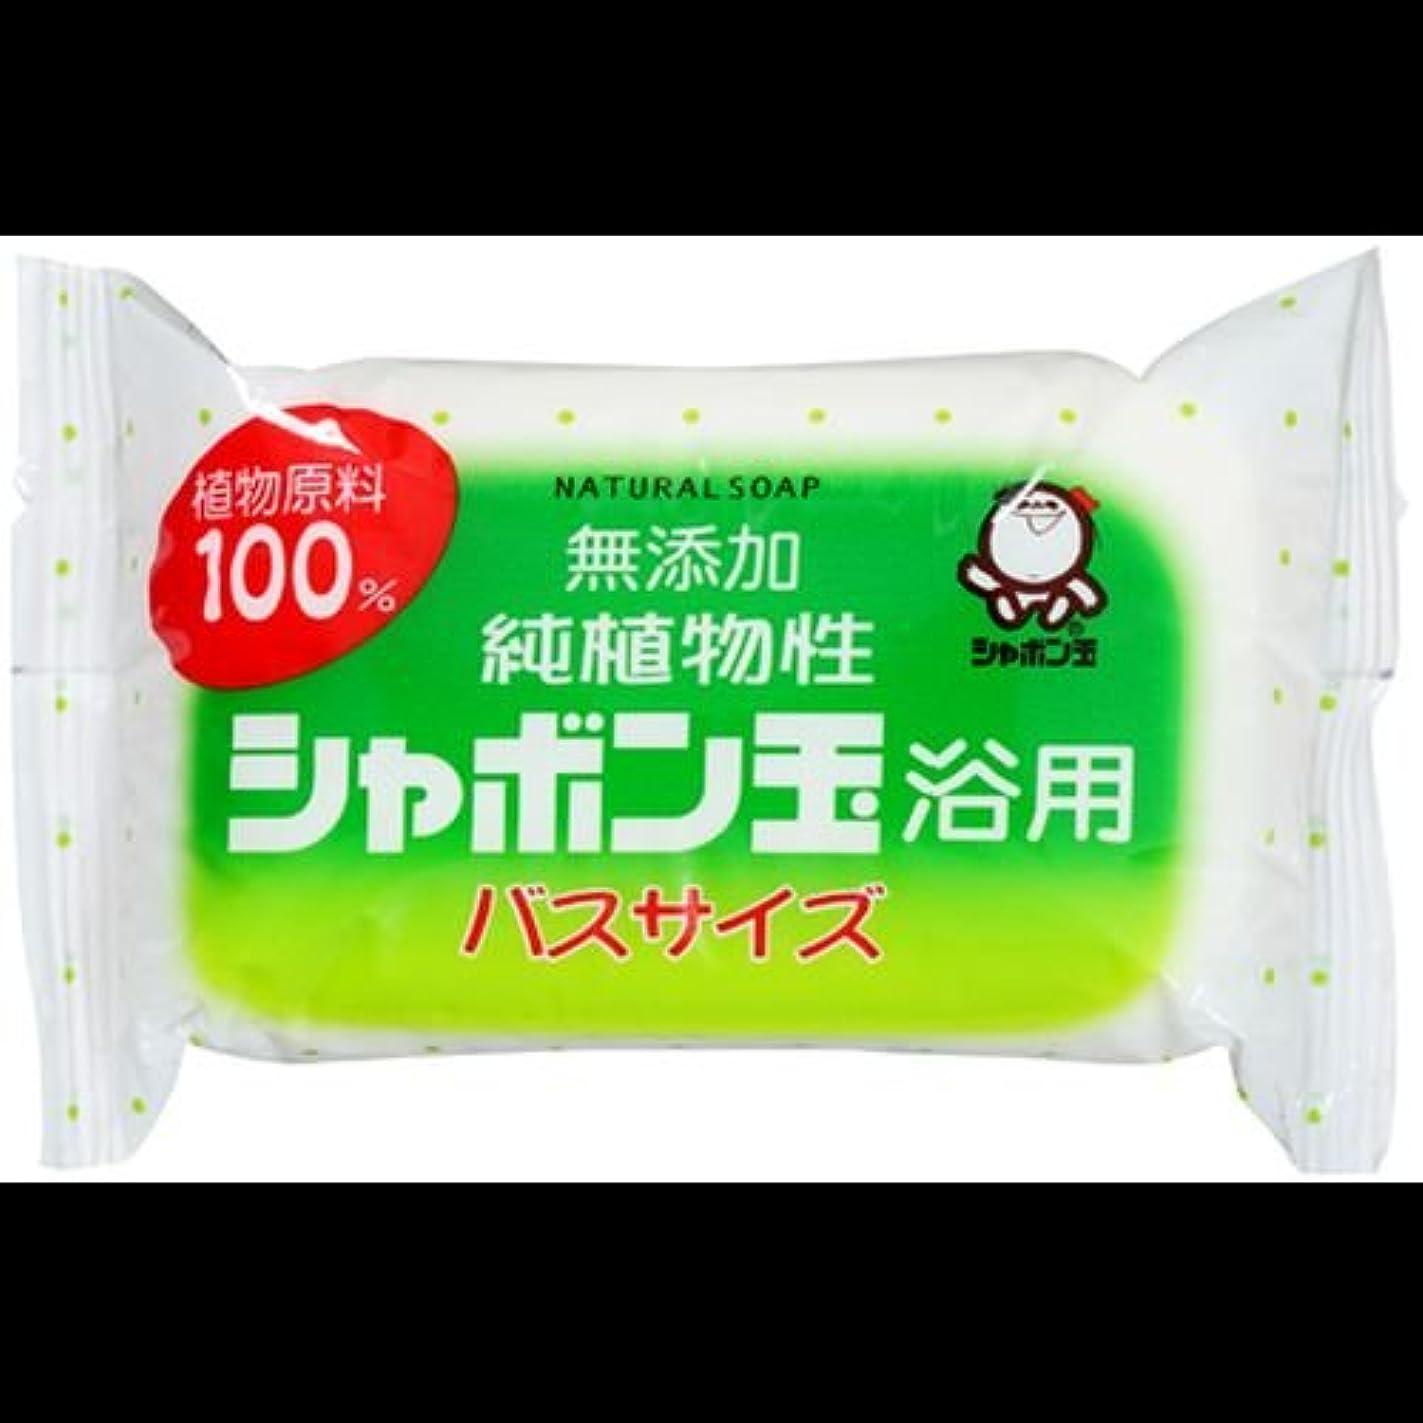 隠す刃偽善【まとめ買い】純植物性シャボン玉 浴用 バスサイズ155g ×2セット